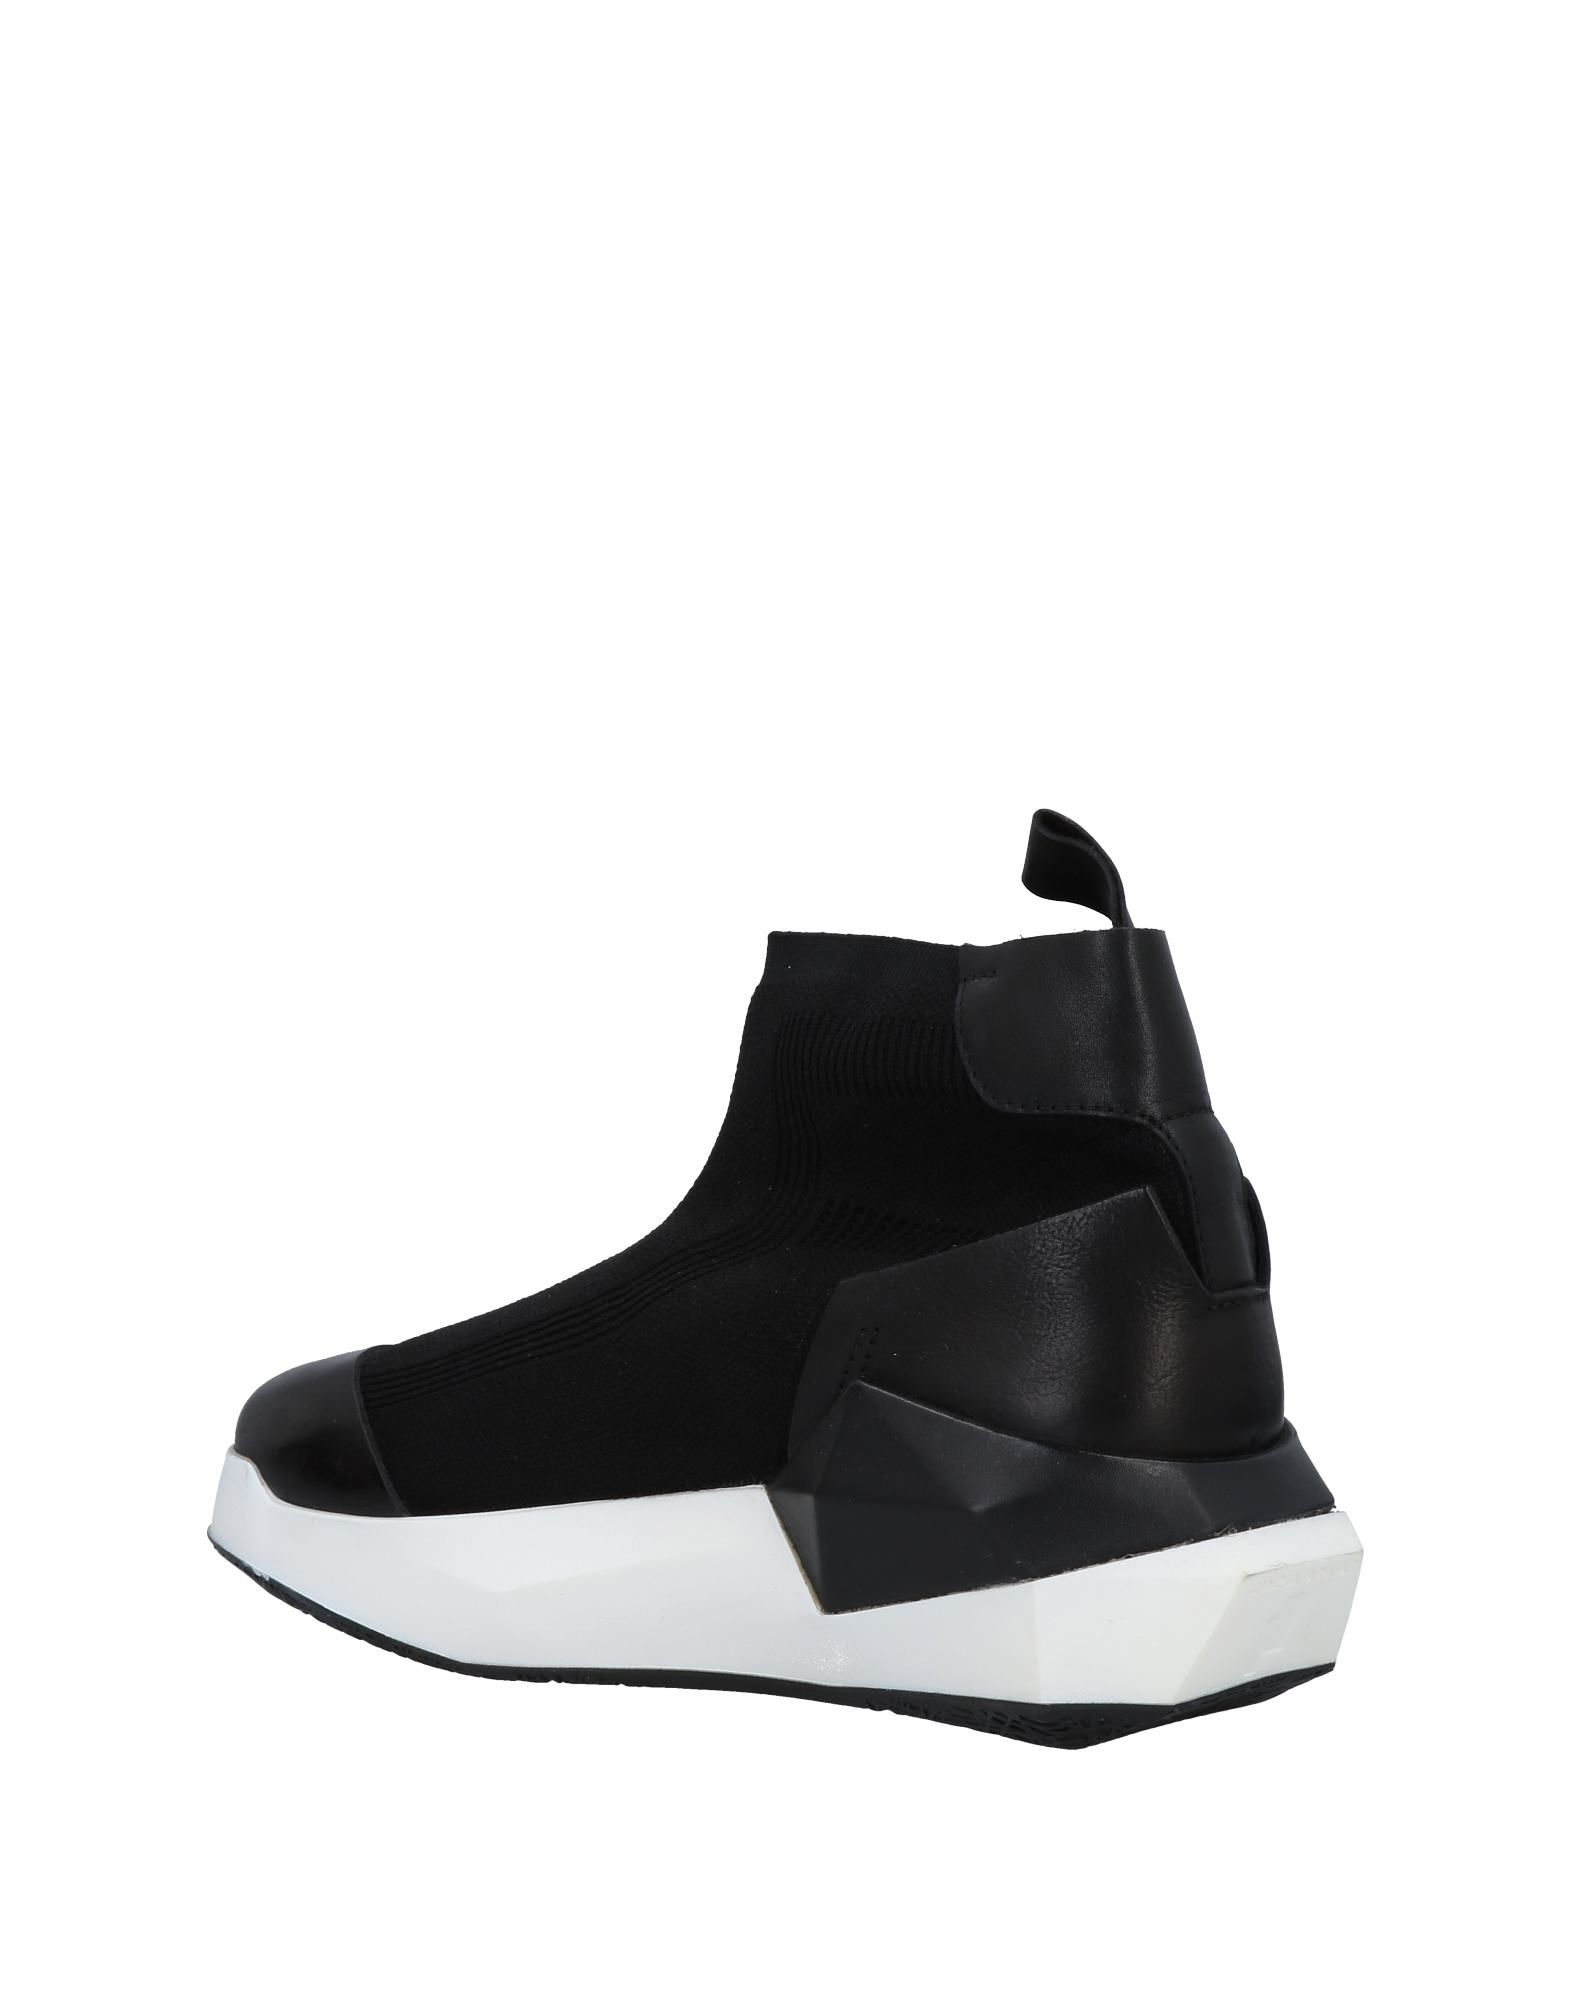 Cinzia Araia Herren Sneakers Herren Araia  11494065WS Neue Schuhe 9e361b